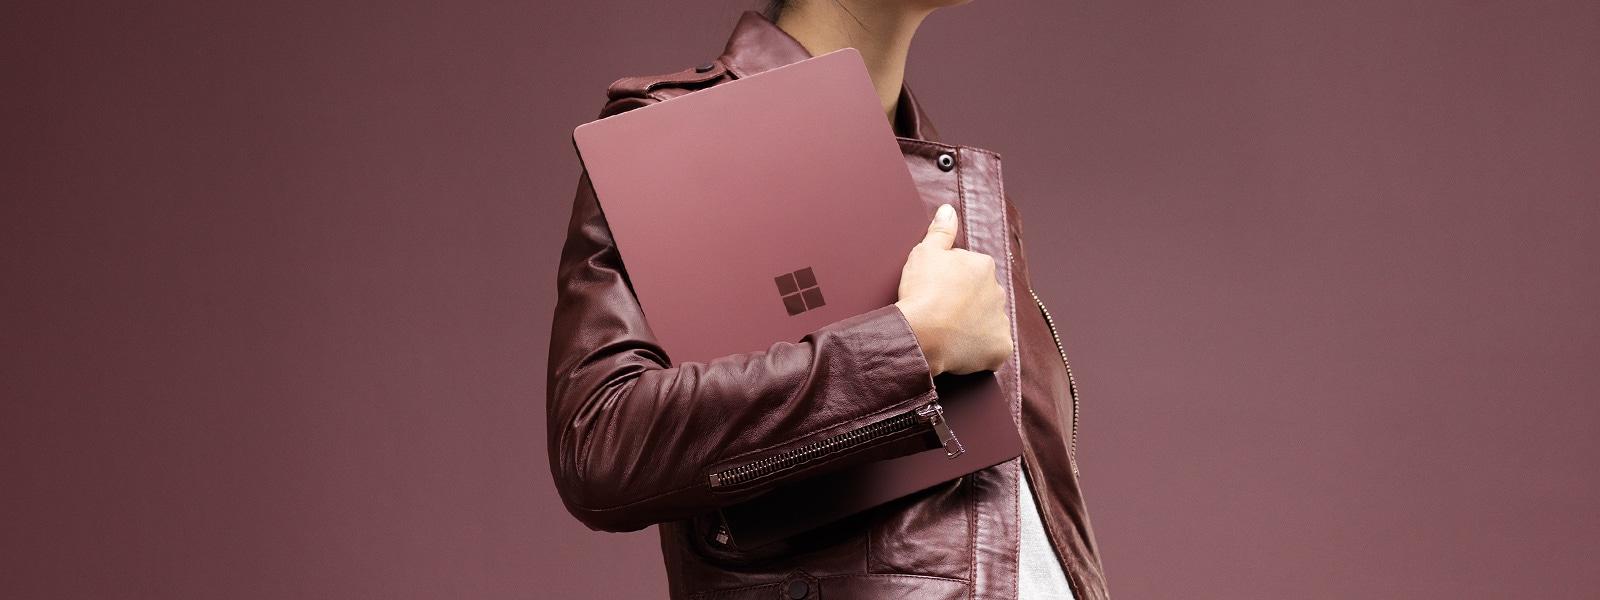 Donna alla moda con il laptop Surface Burgundy in mano